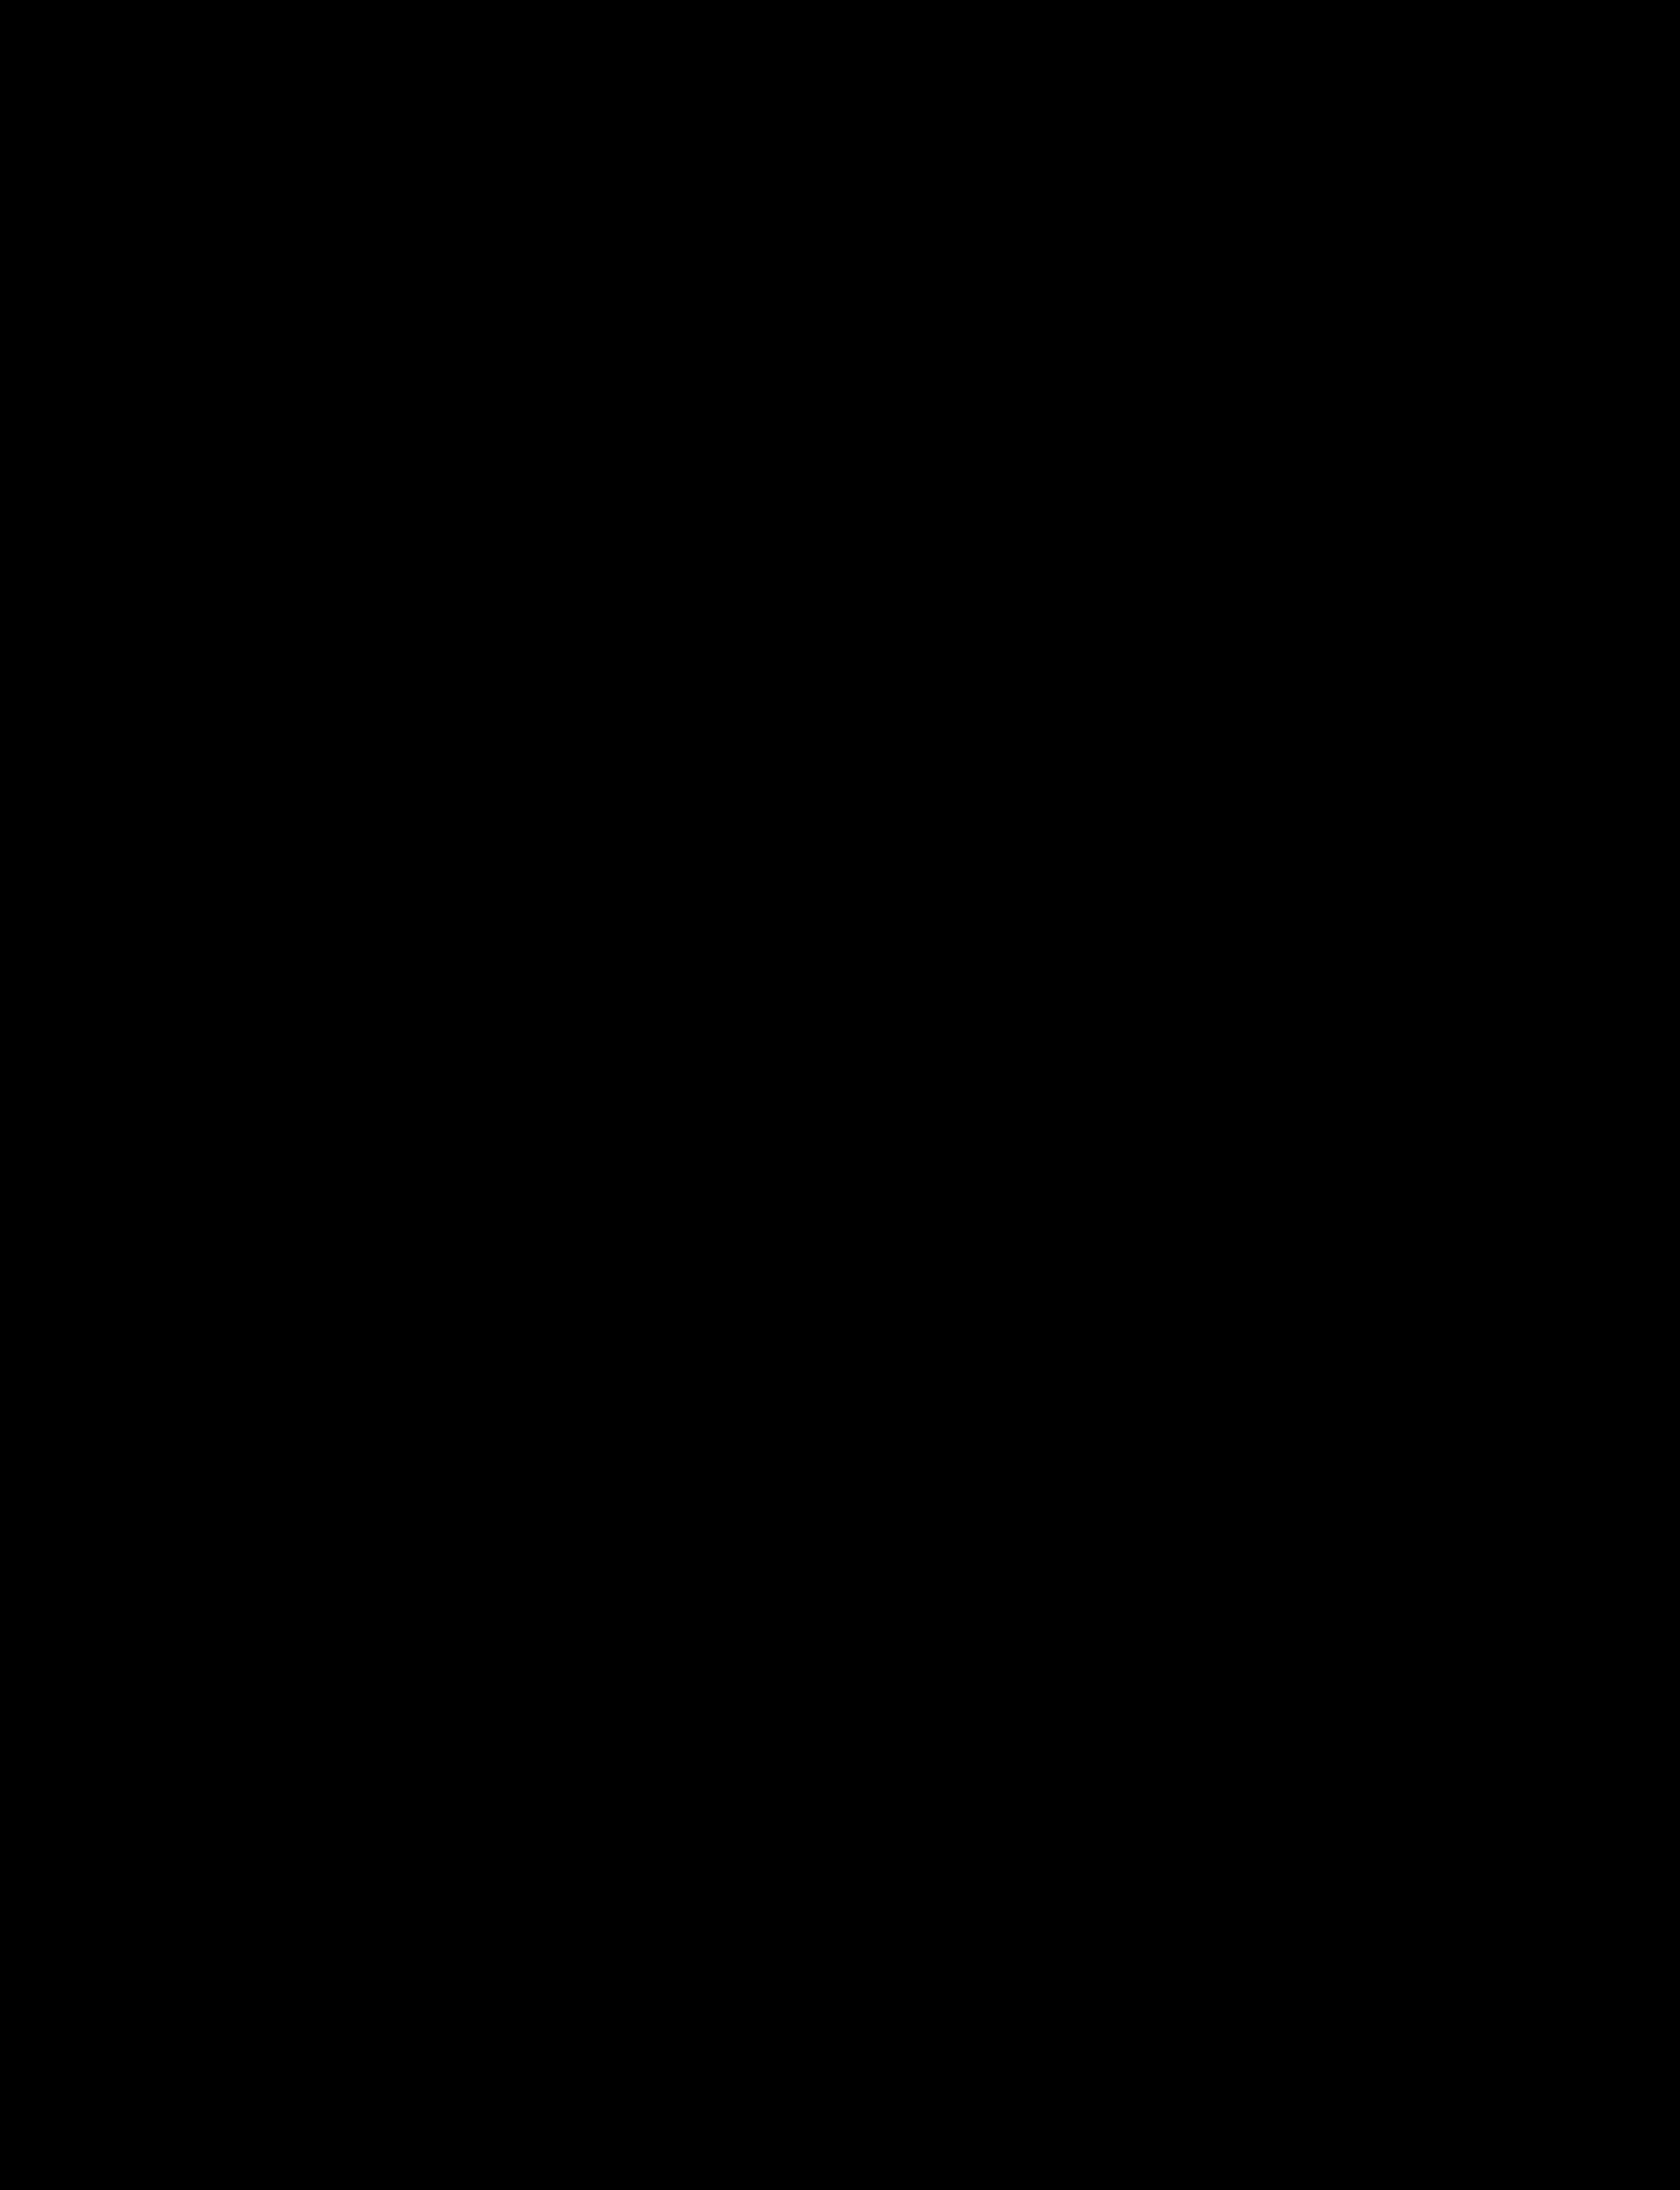 Lancement du 50e anniversaire de Glendon @ Salle de conférence BMO, Manoir Glendon